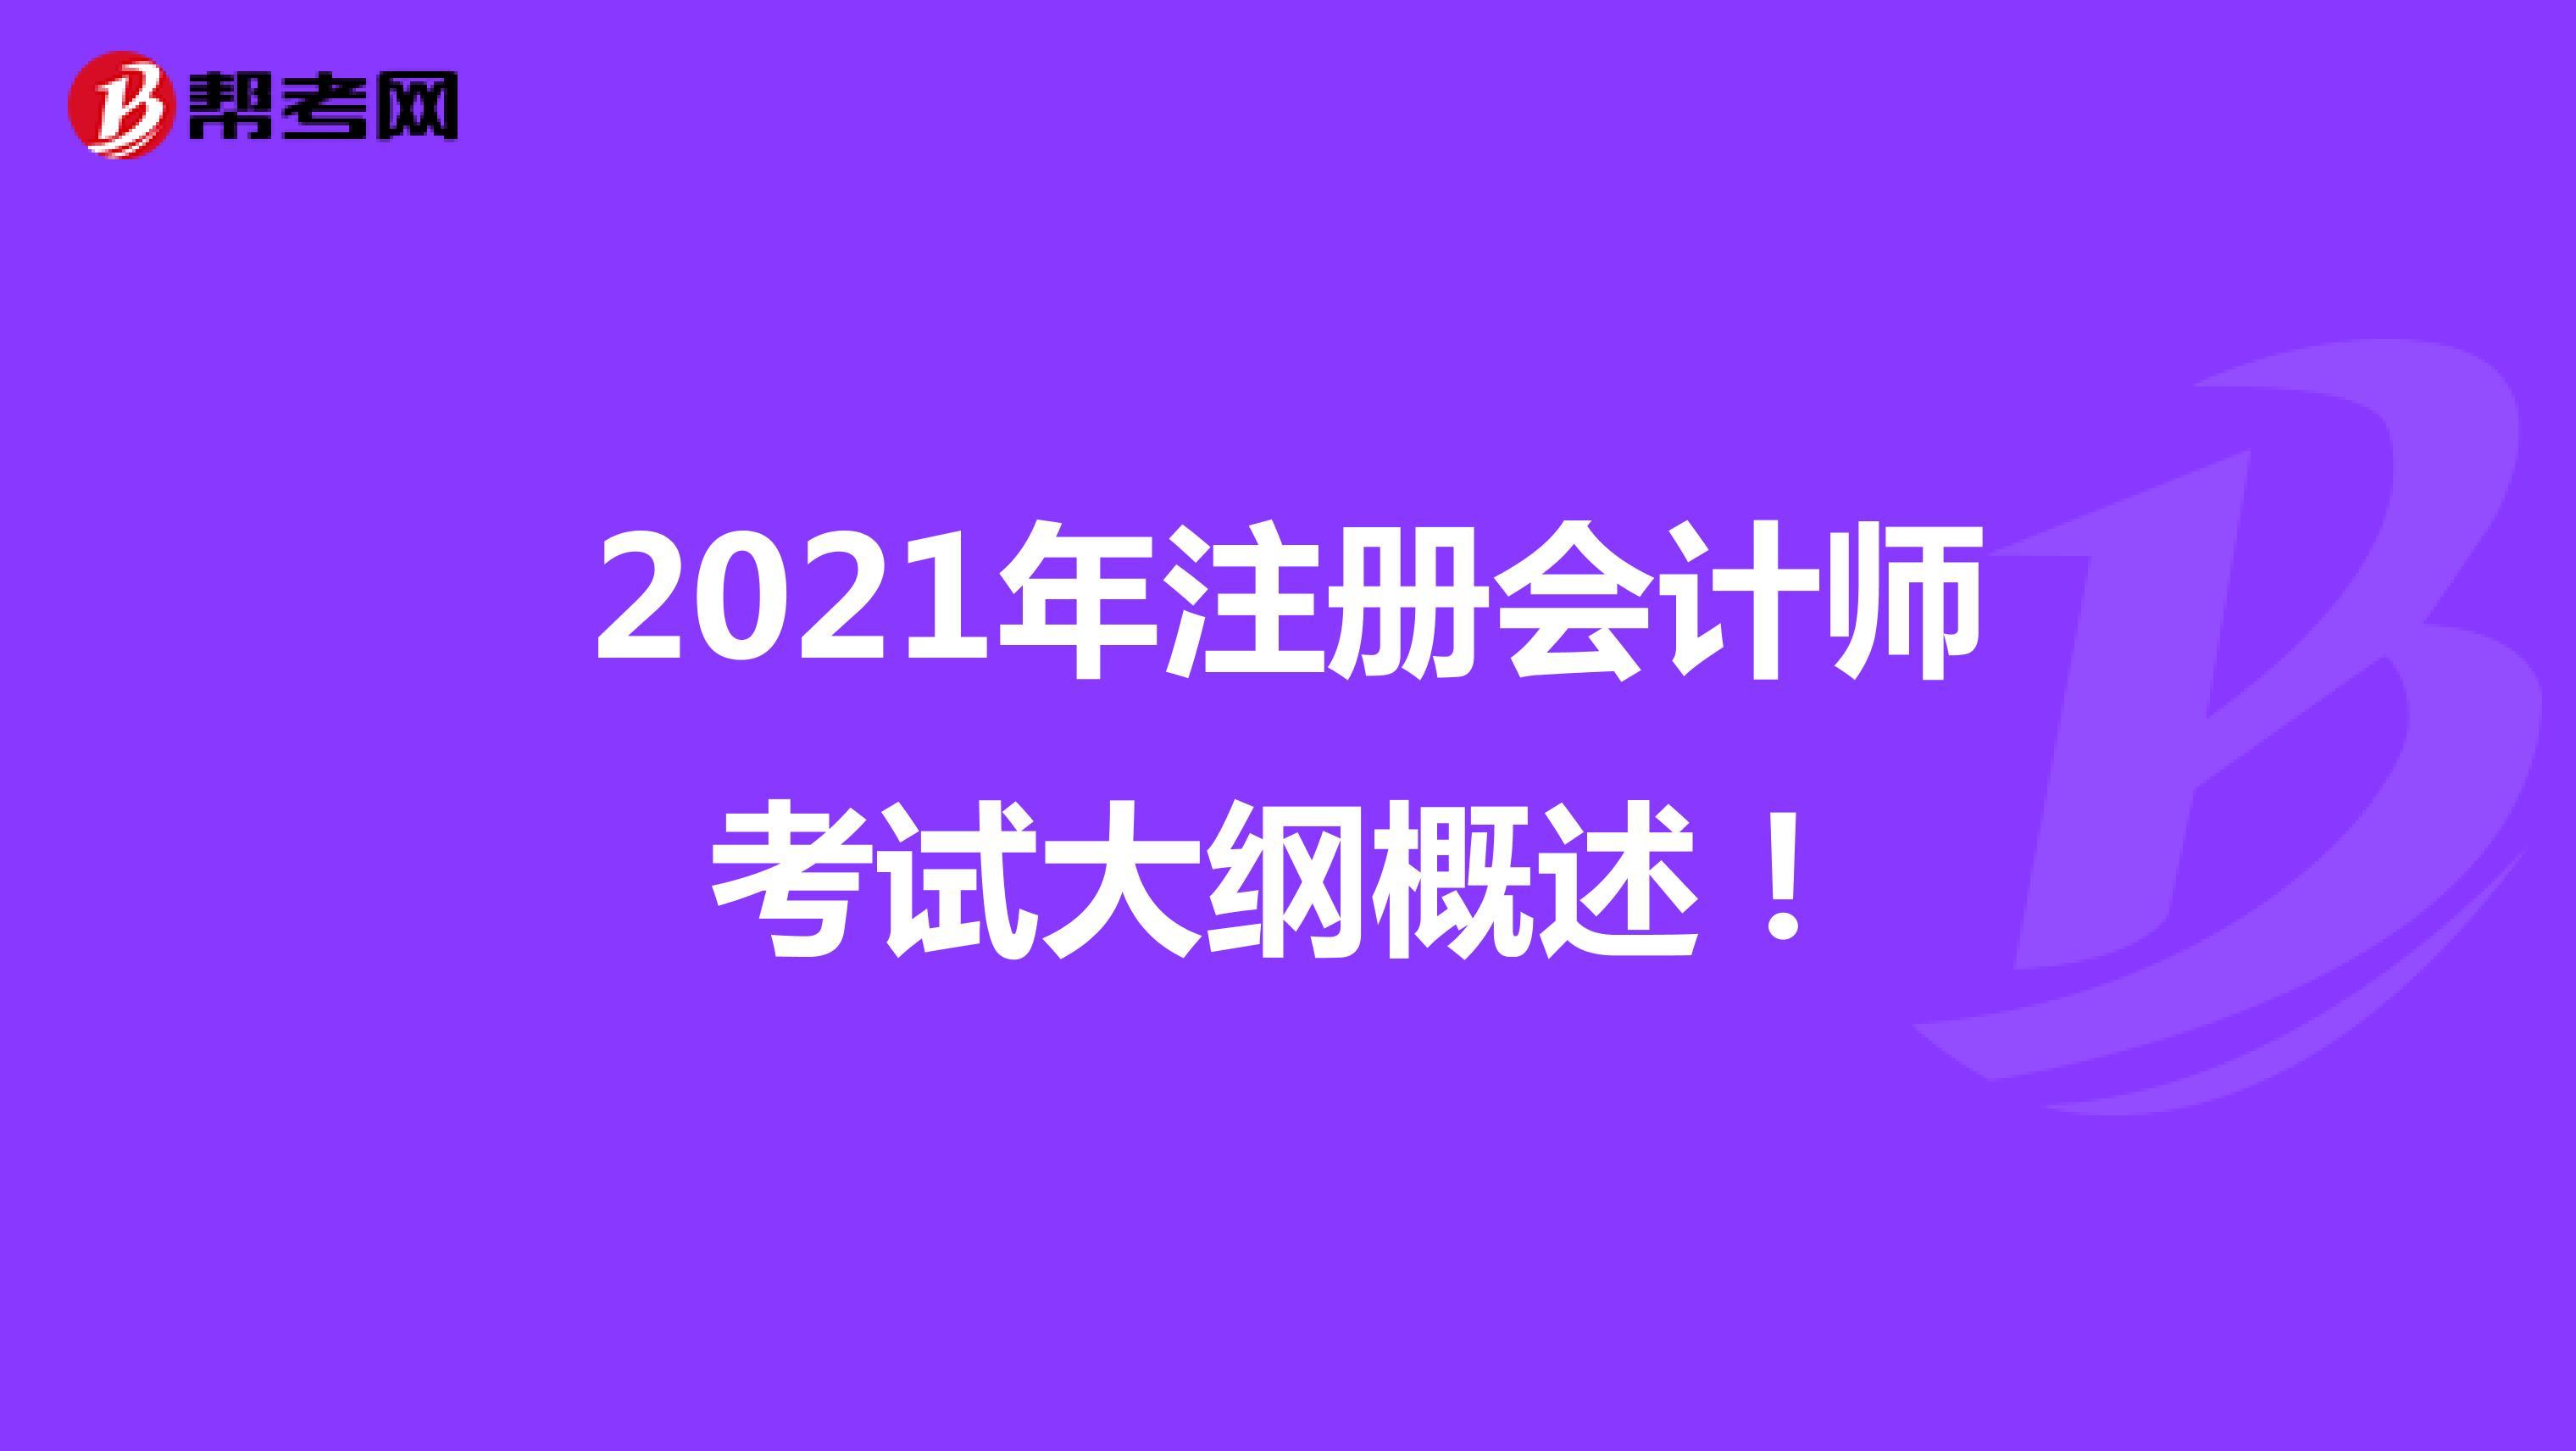 2021年注册会计师考试大纲概述!